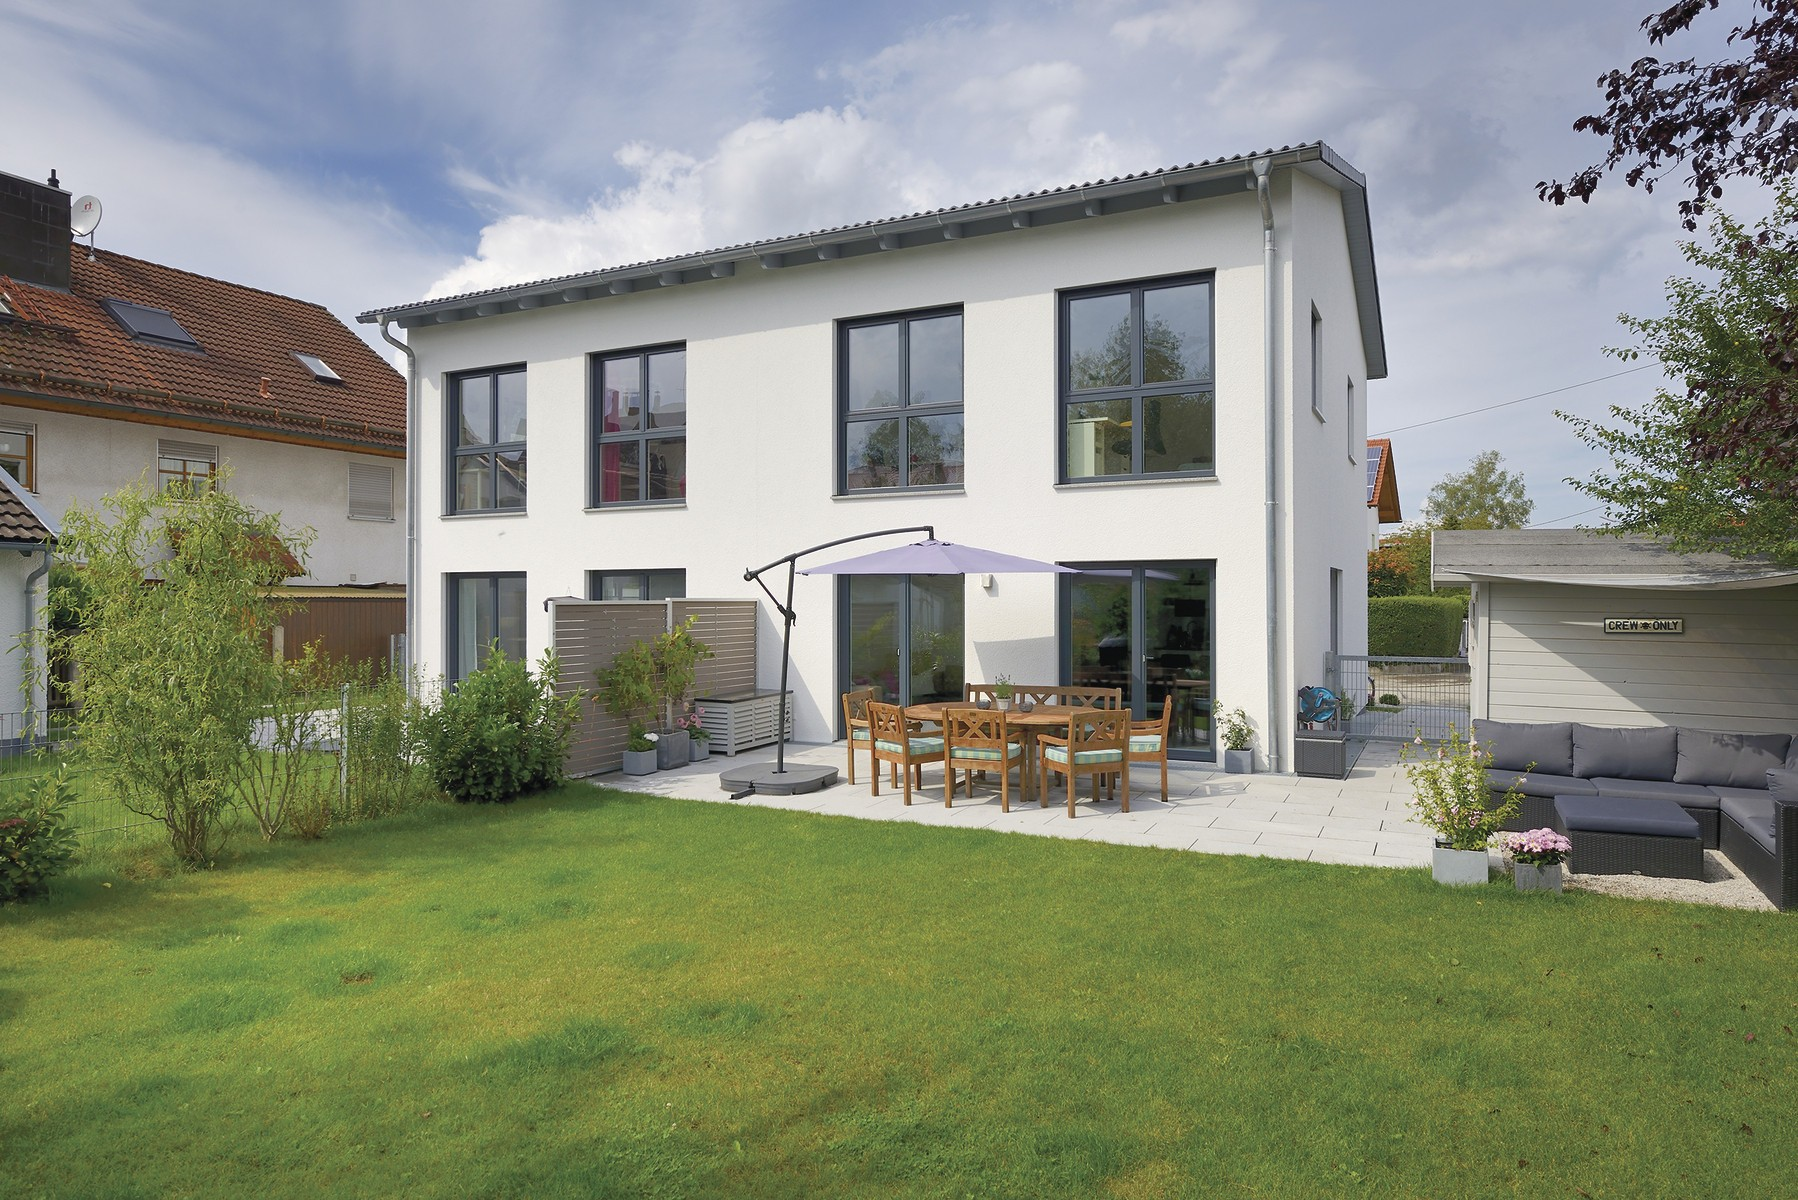 Individuelles Doppelhaus mit höchstem Wohnkomfort